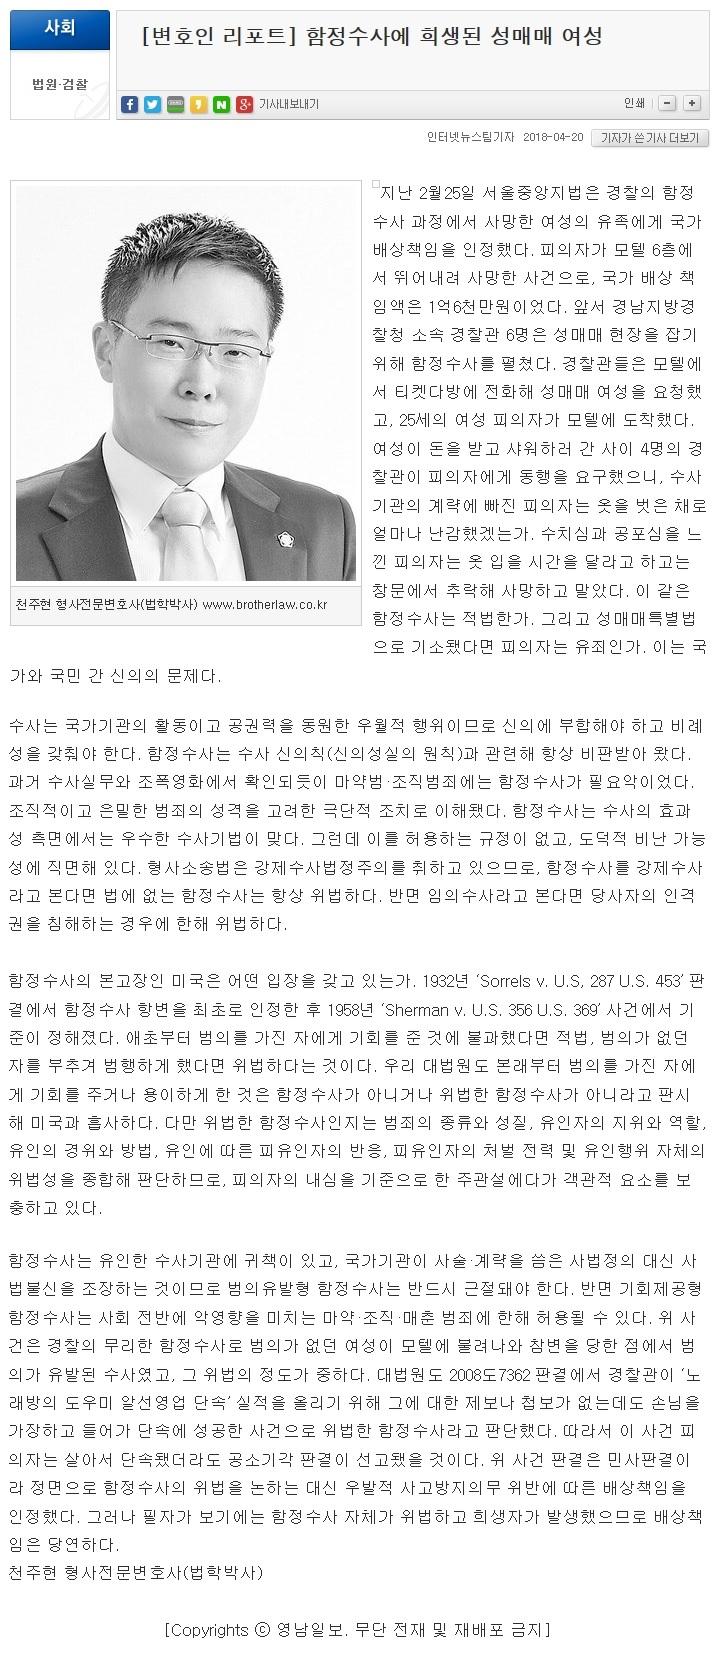 180420-영남일보 본문.jpg